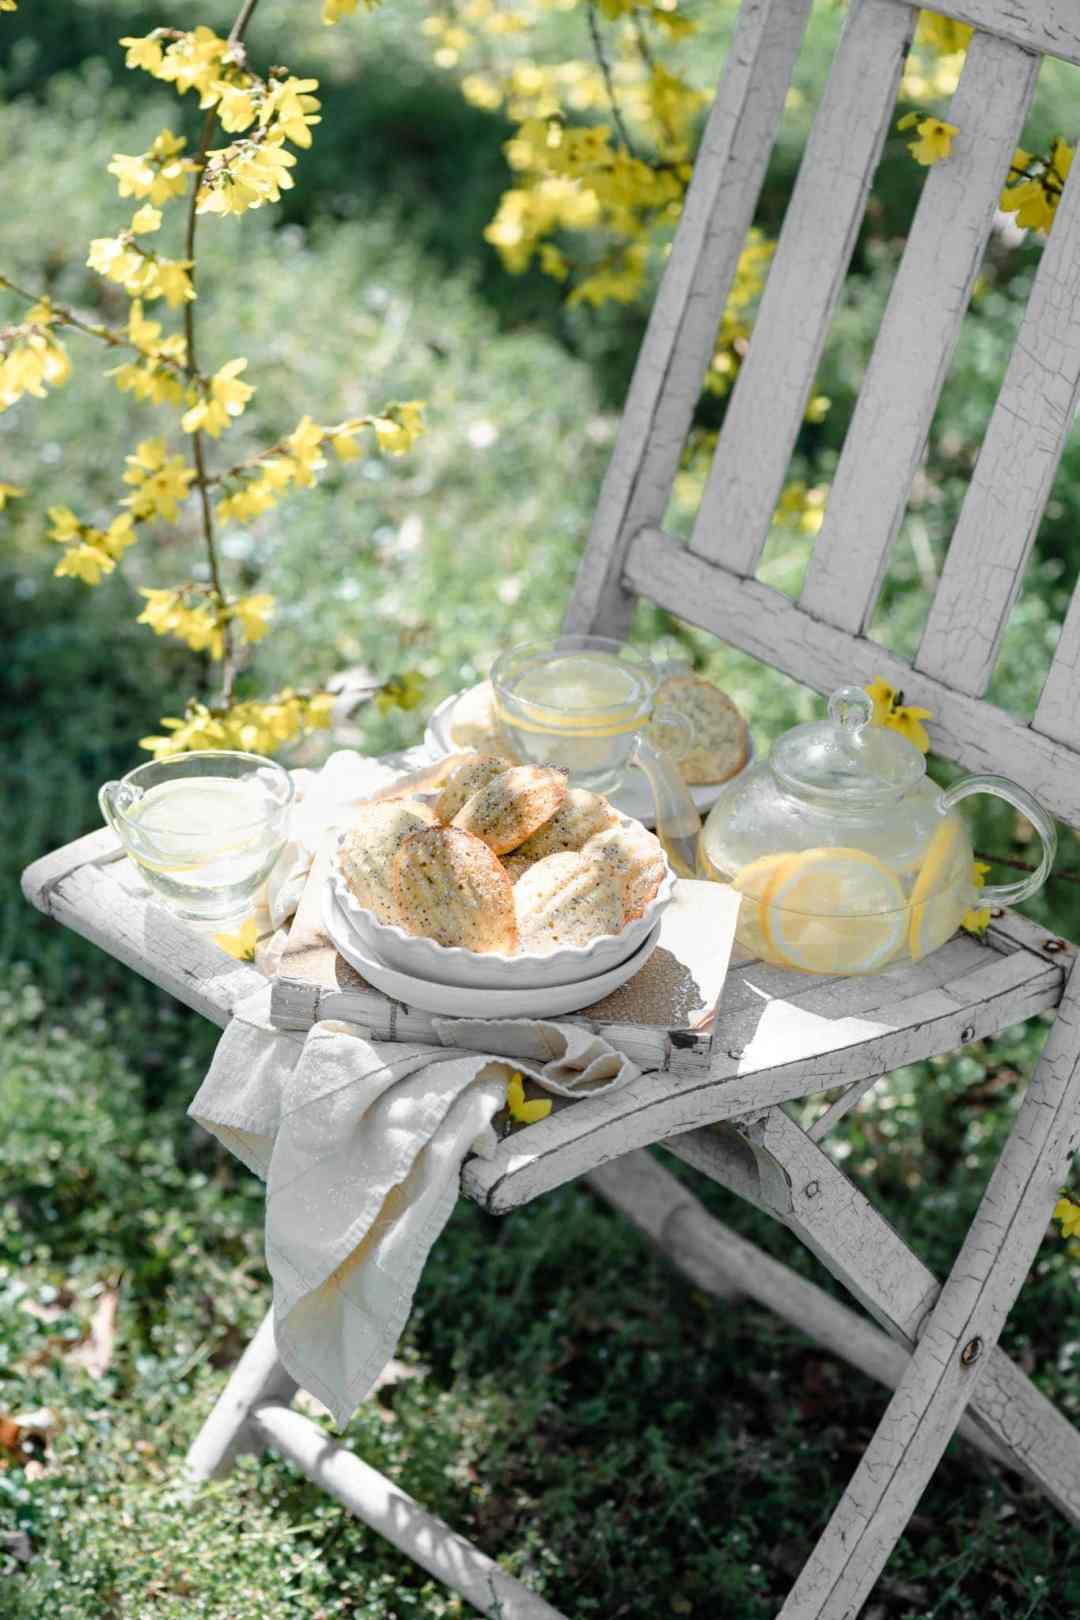 Lemon Recette Medeleines for a spring picnic dessert with lemonade.